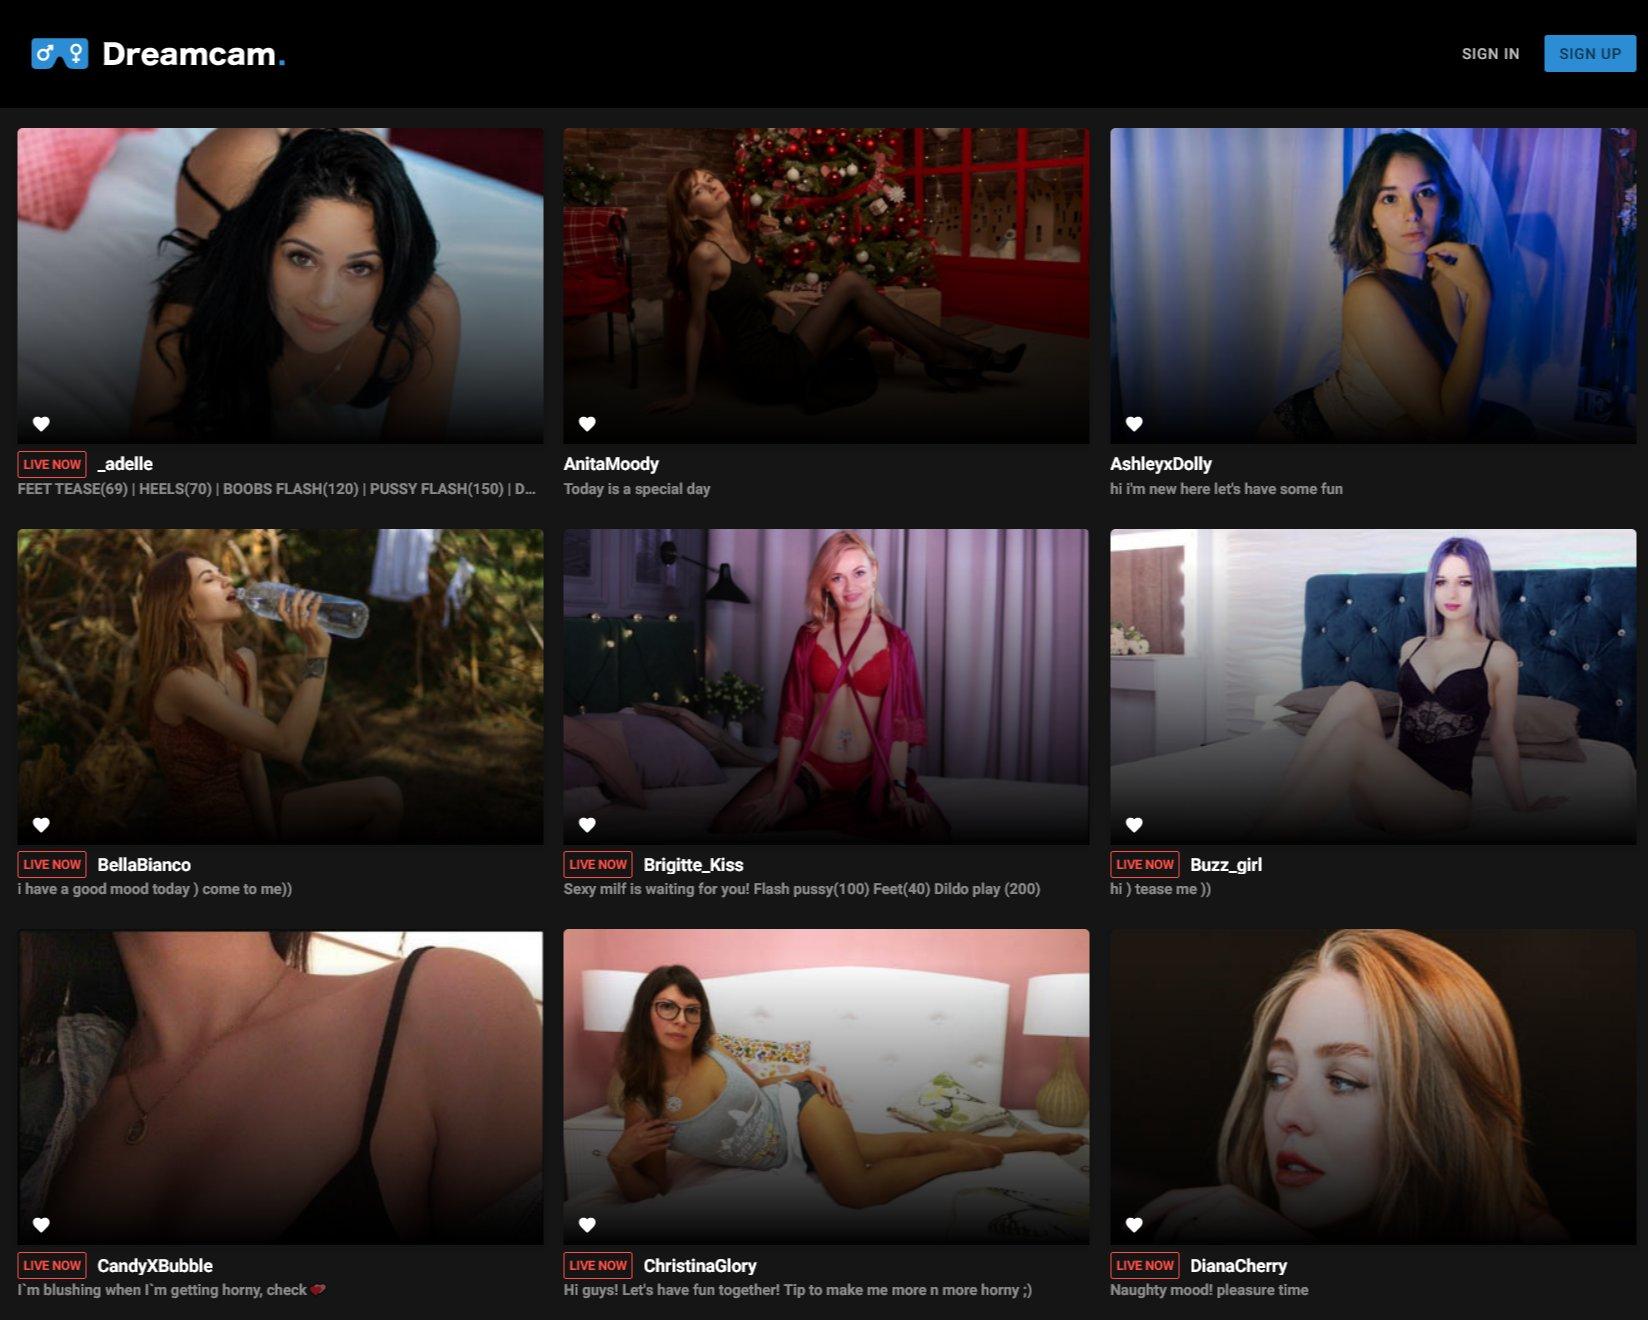 dreamcam.com